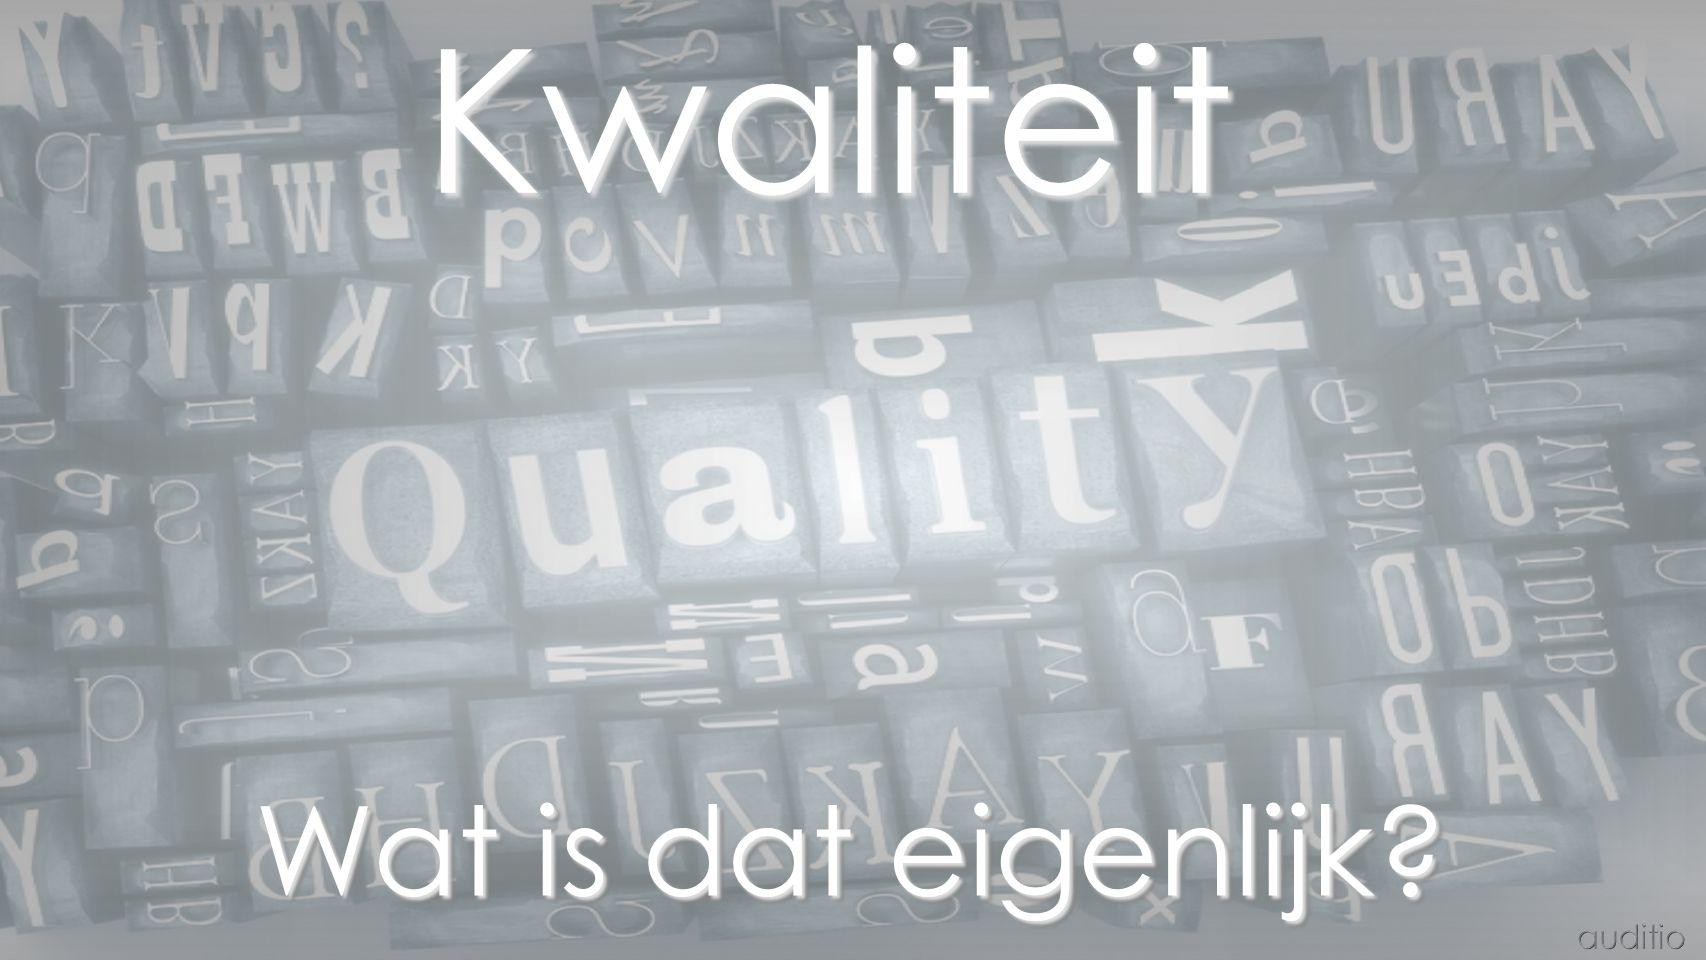 Kwaliteit Wat is dat eigenlijk auditio